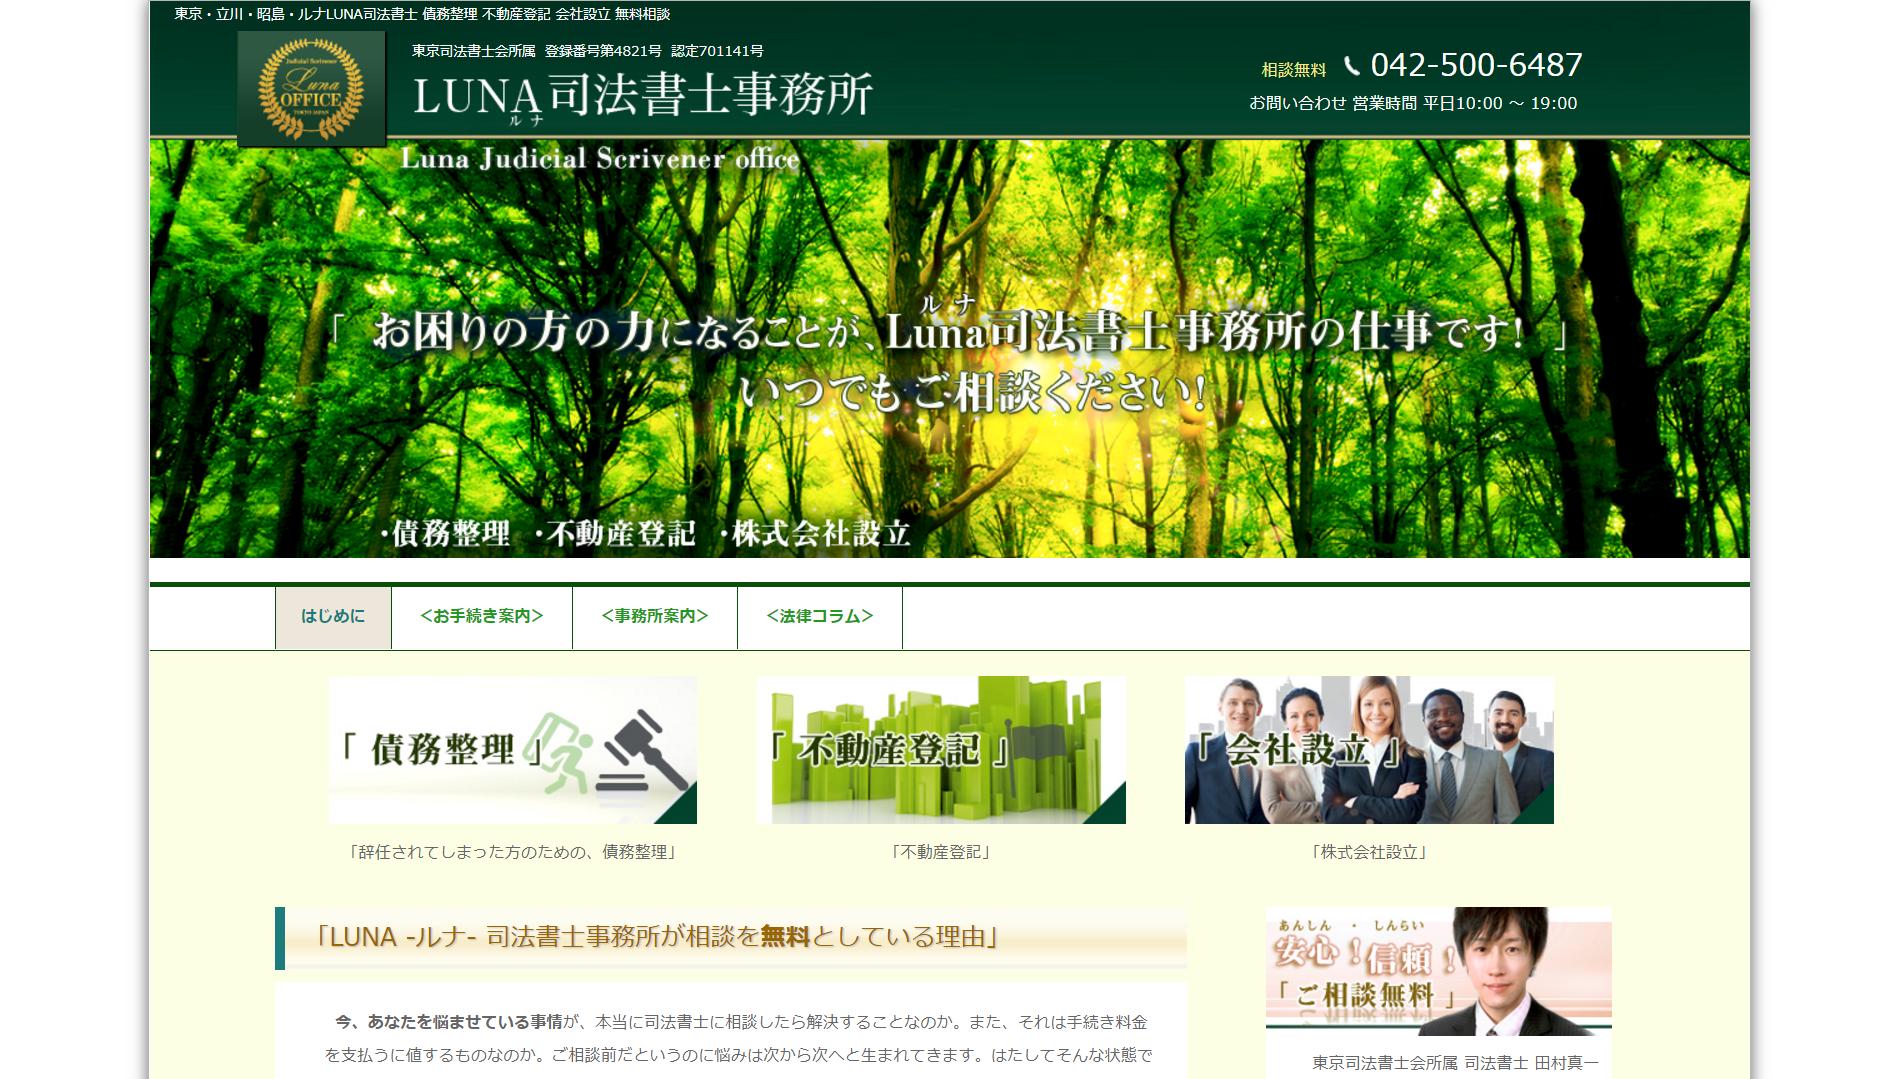 Luna司法書士事務所(東京都昭島市緑町)